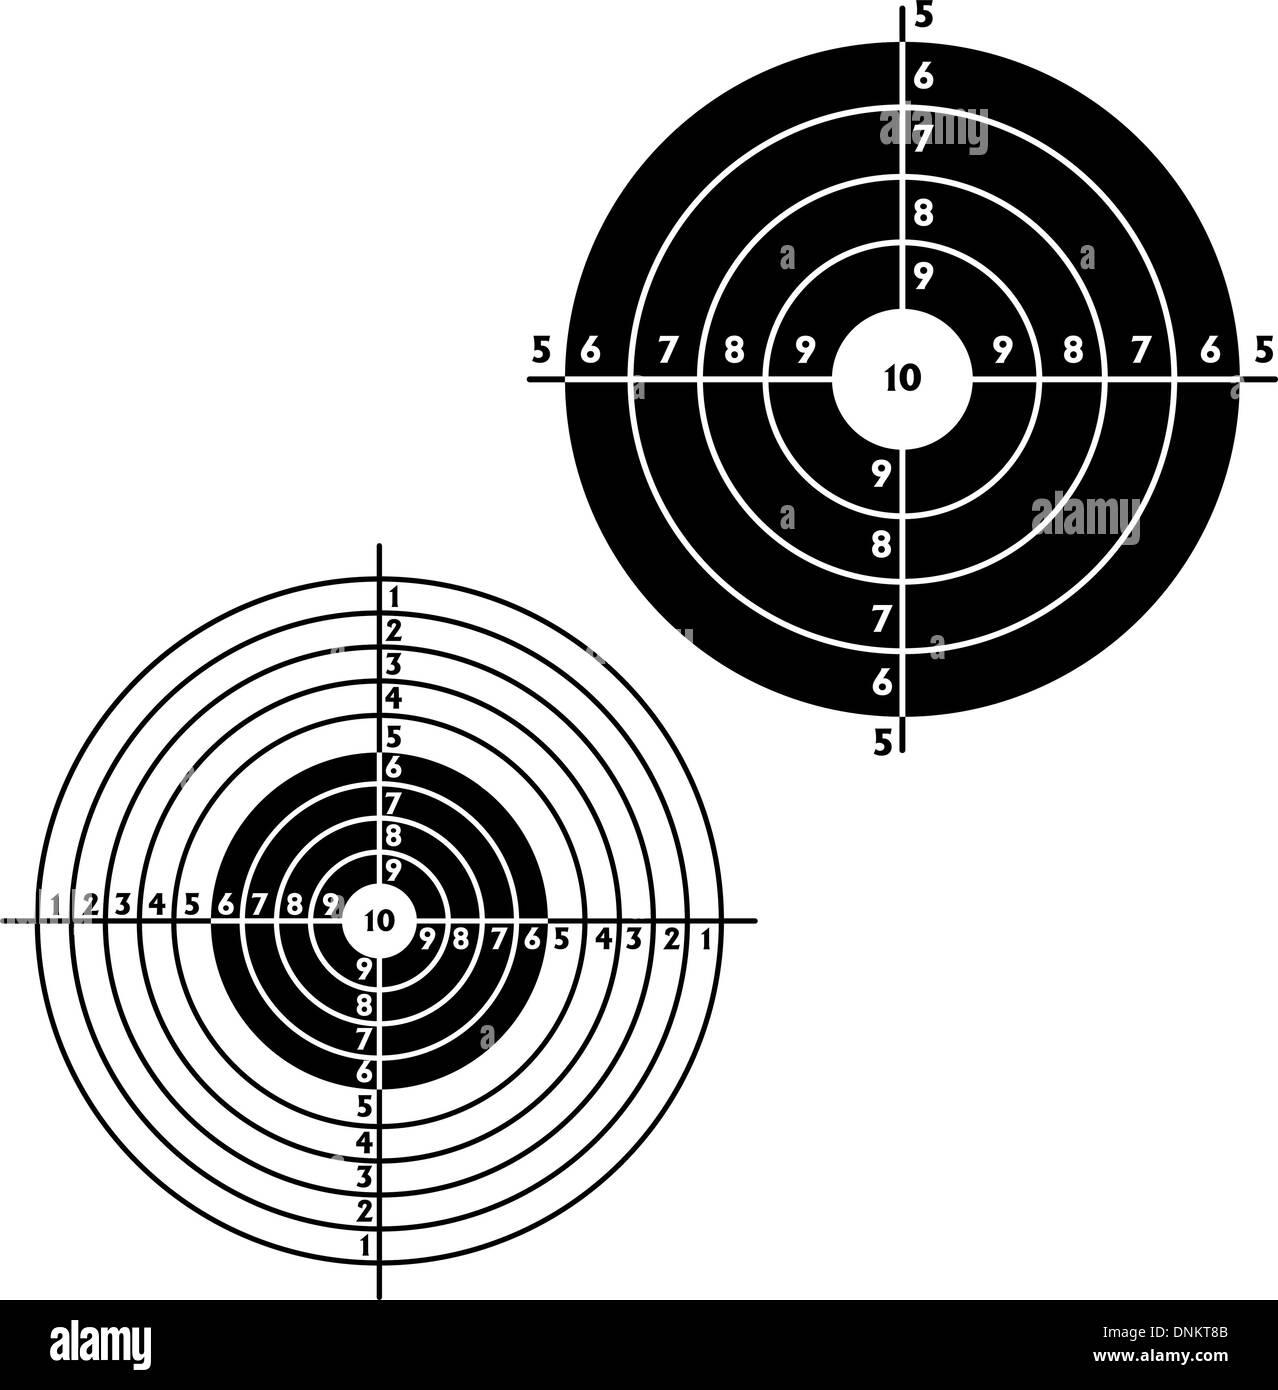 Establecer objetivos para prácticas de tiro al blanco, el ejercicio. Ilustración vectorial Imagen De Stock